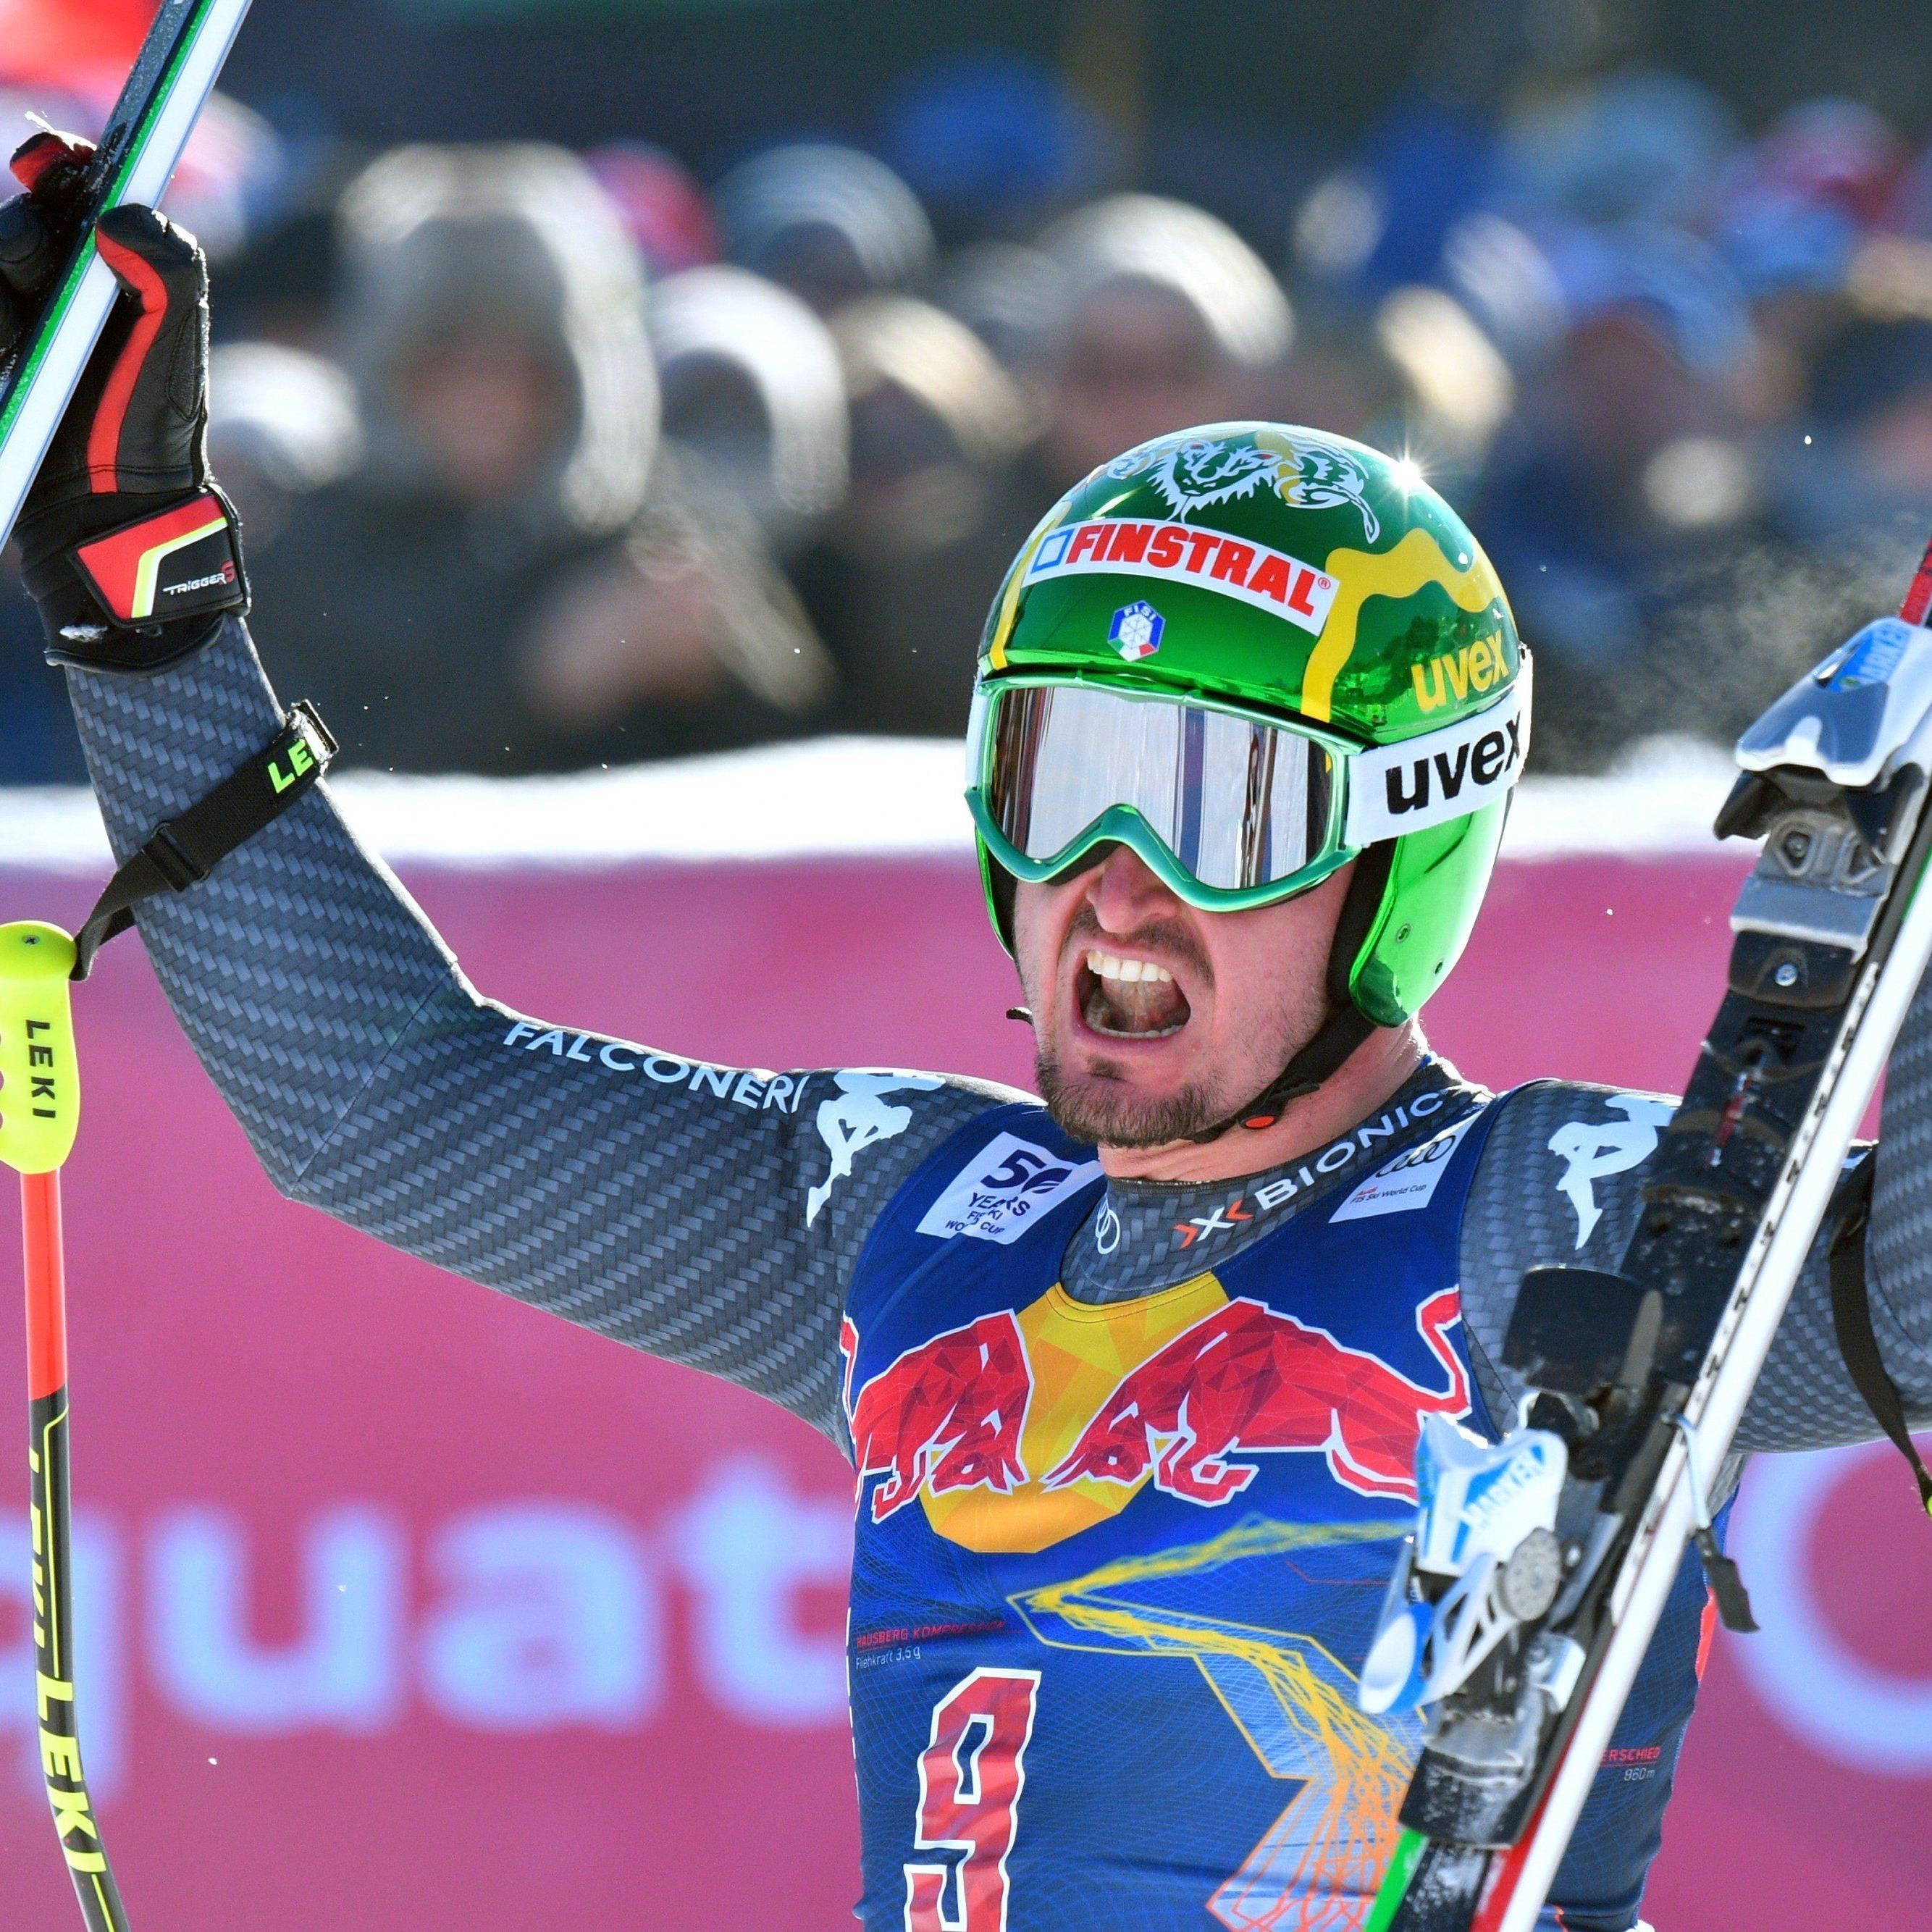 Der Südtiroler Dominik Paris hat bereits 2013 die Abfahrt auf der Streif in Kitzbühel gewonnen.